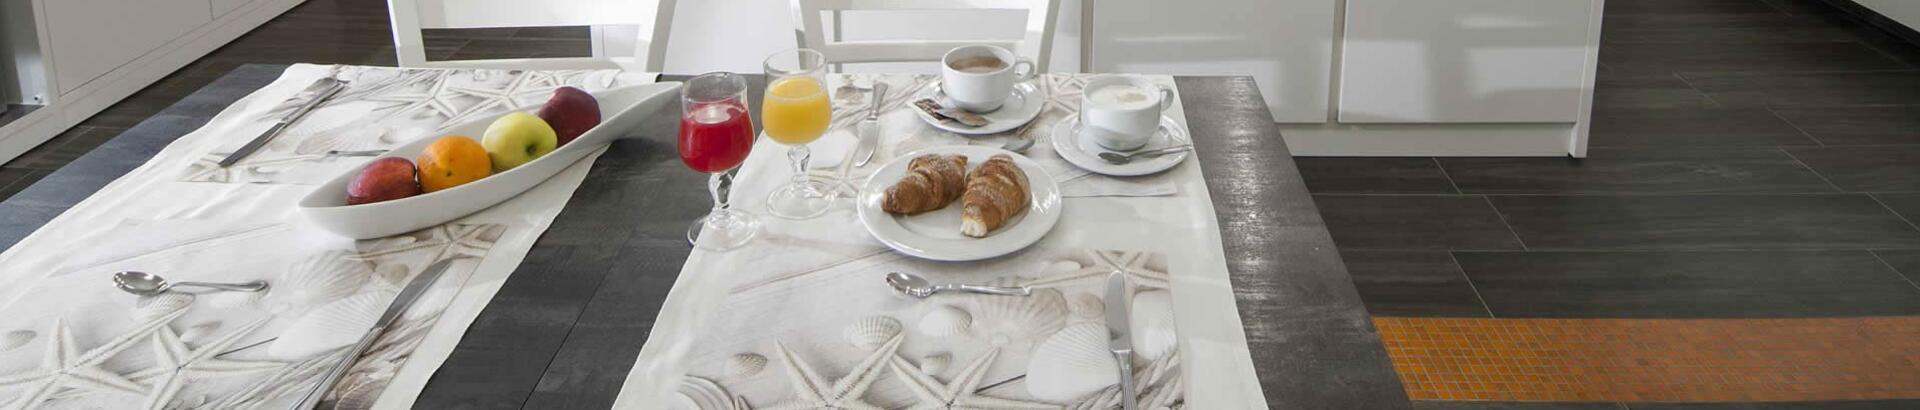 hotelcasablanca it colazione 004